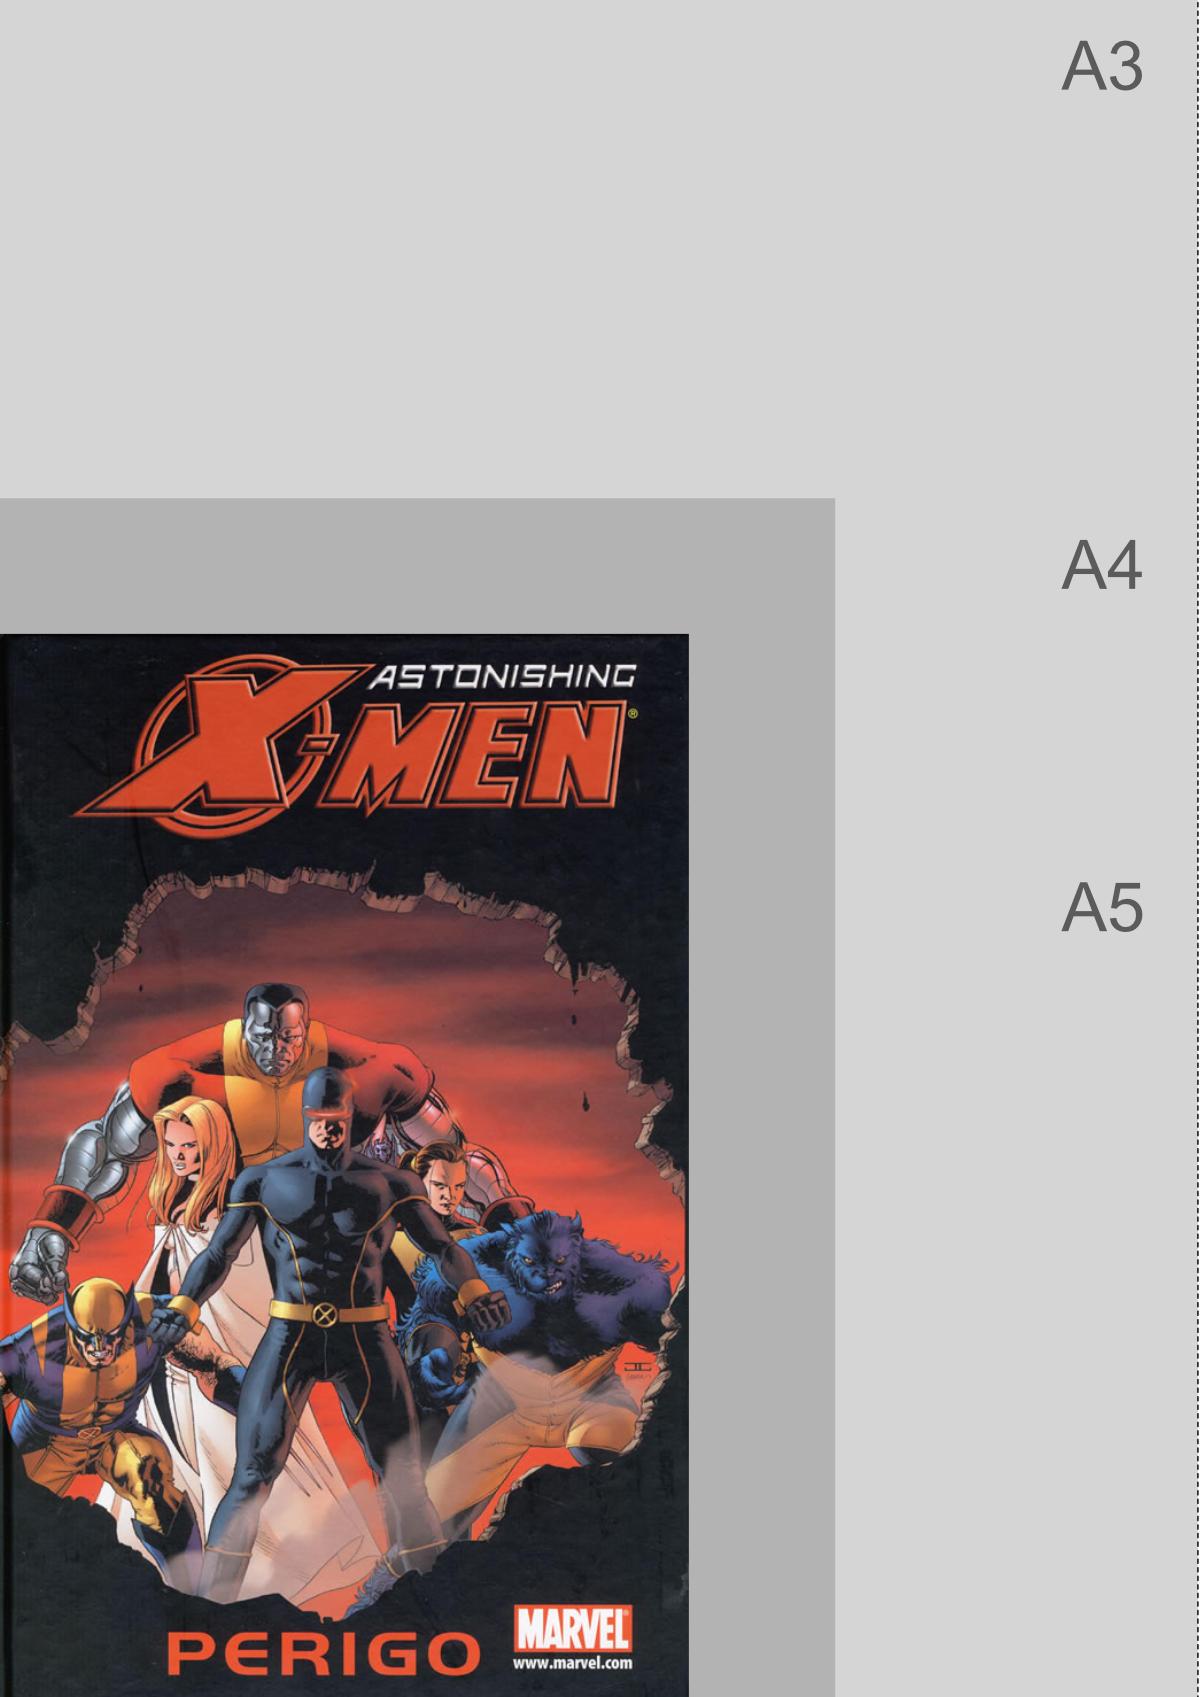 ASTONISHING X-MEN 2:PERIGO